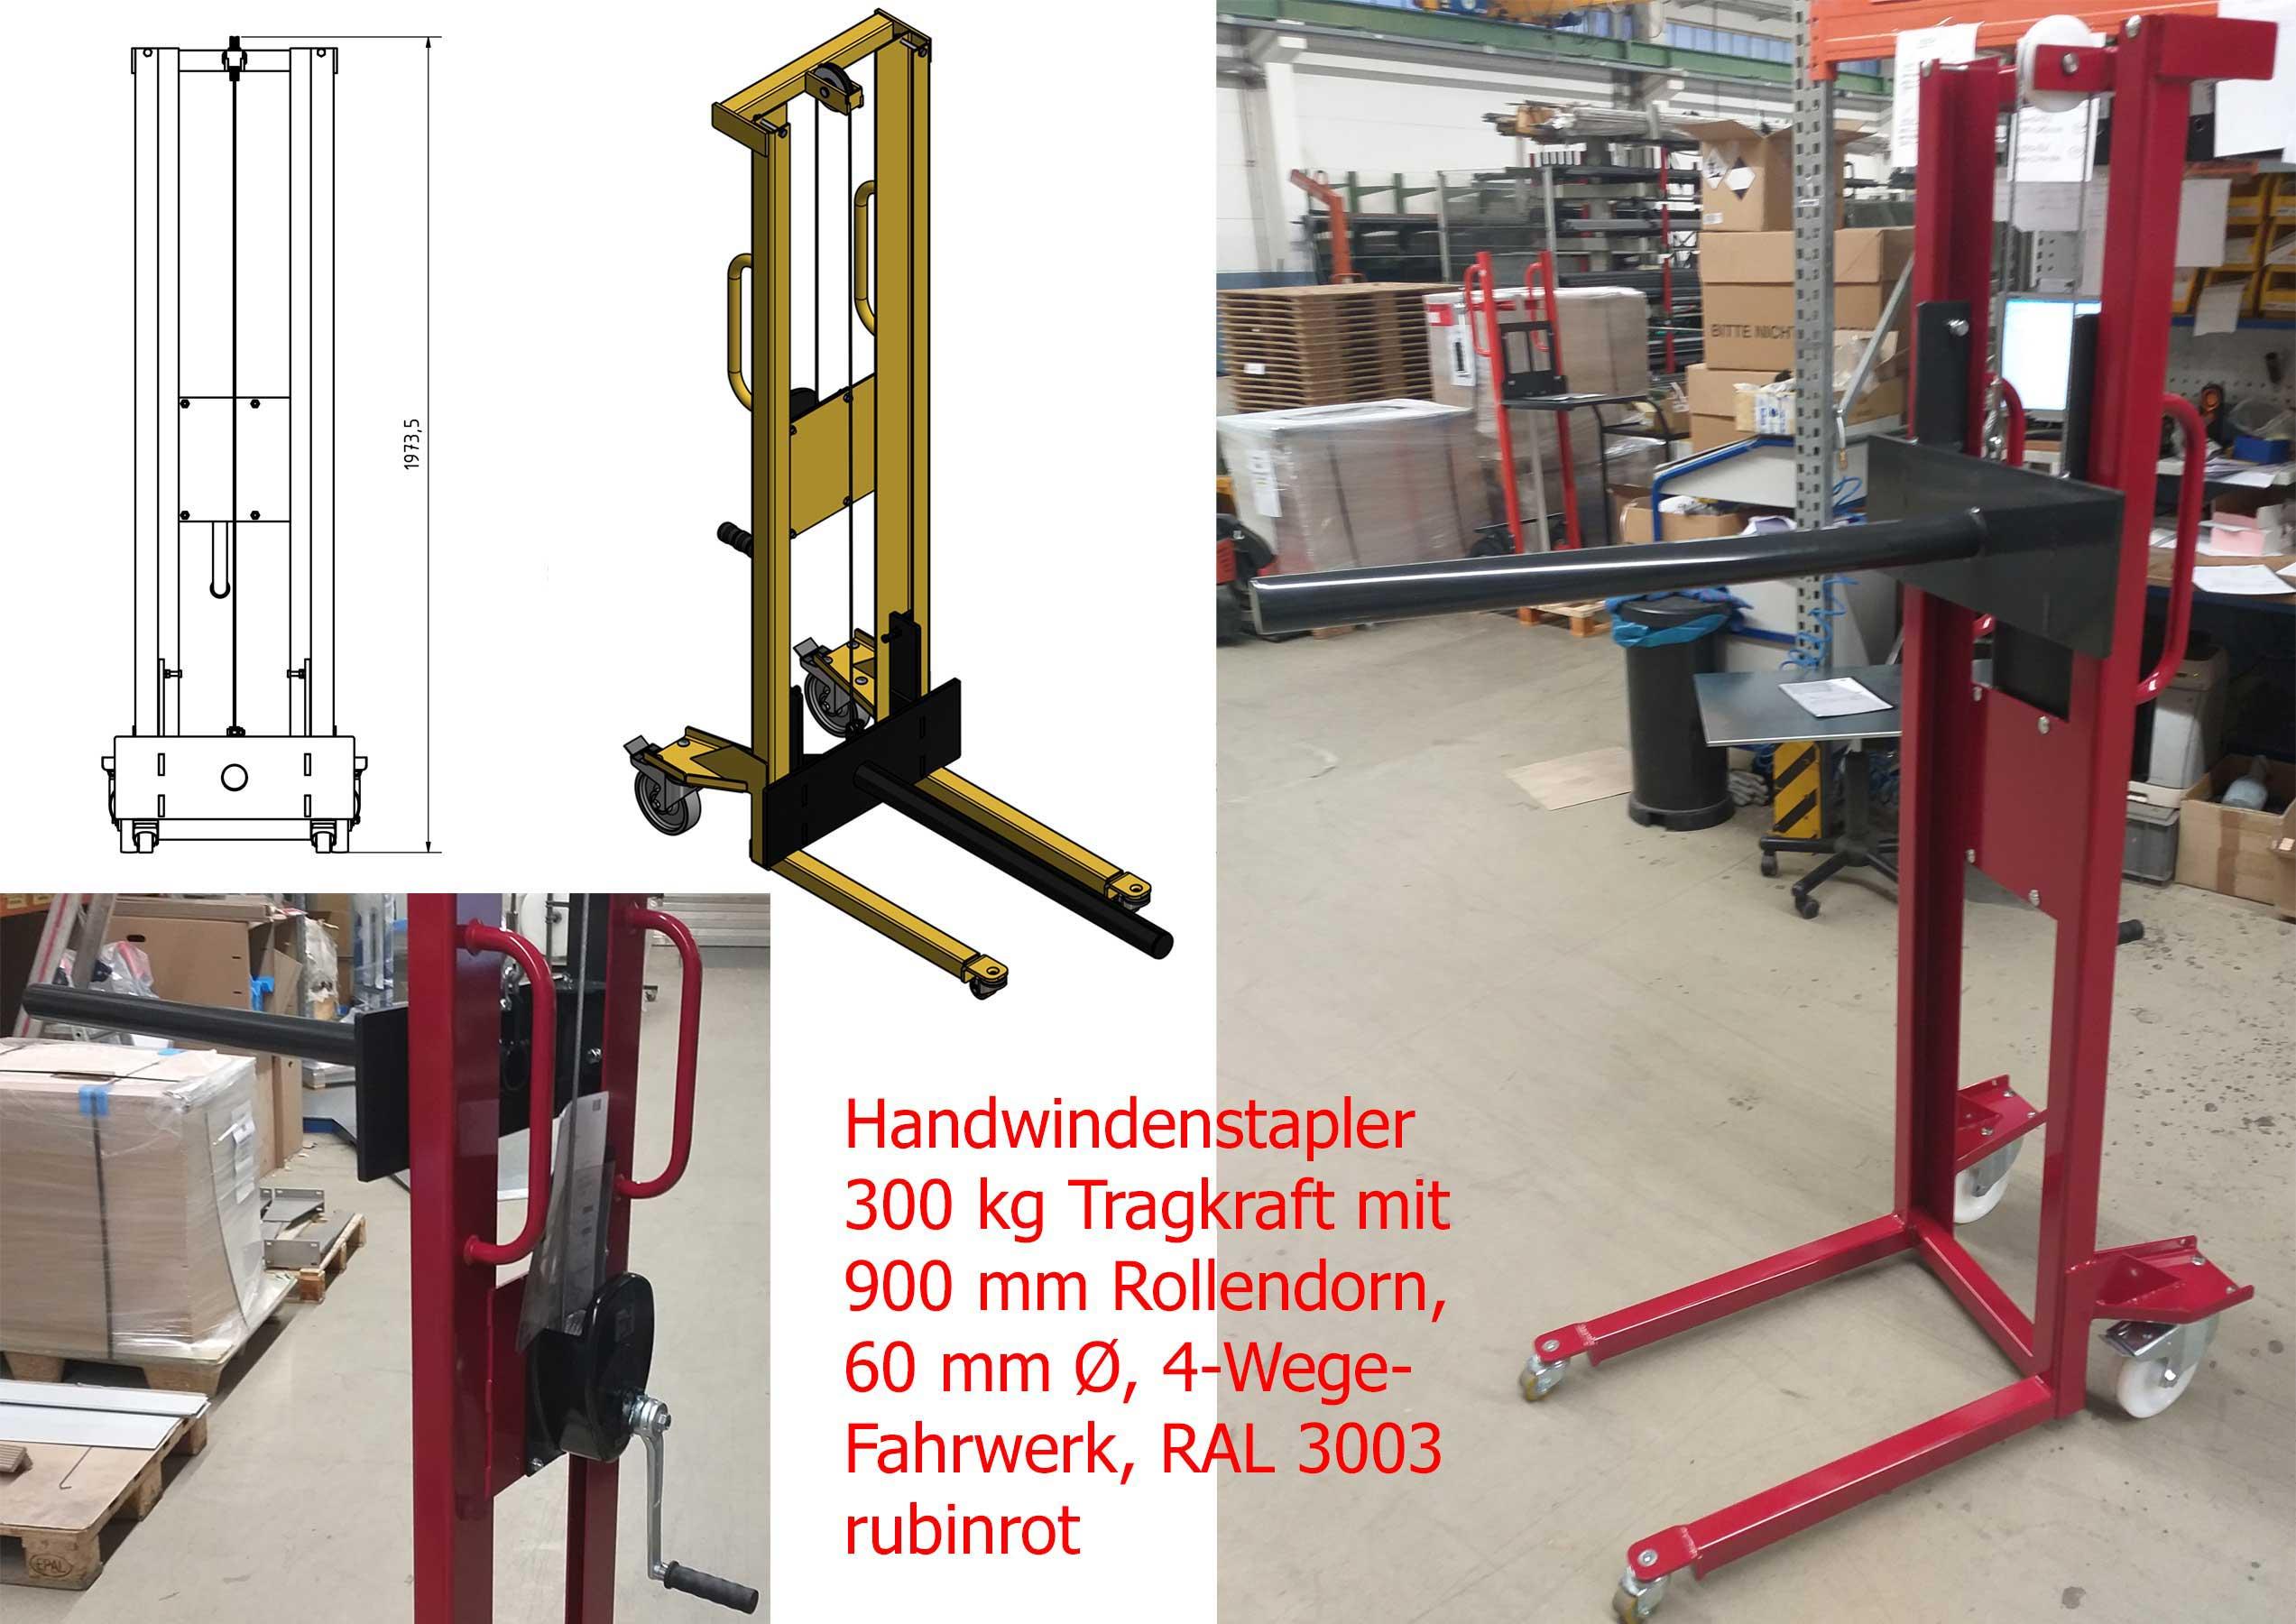 per Stahlseil hebender Windenstapler mit 4-Wege-Fahrwerk und 900mm langem Lastdorn, 60 mm Ø und 300 kg Belastbarkeit